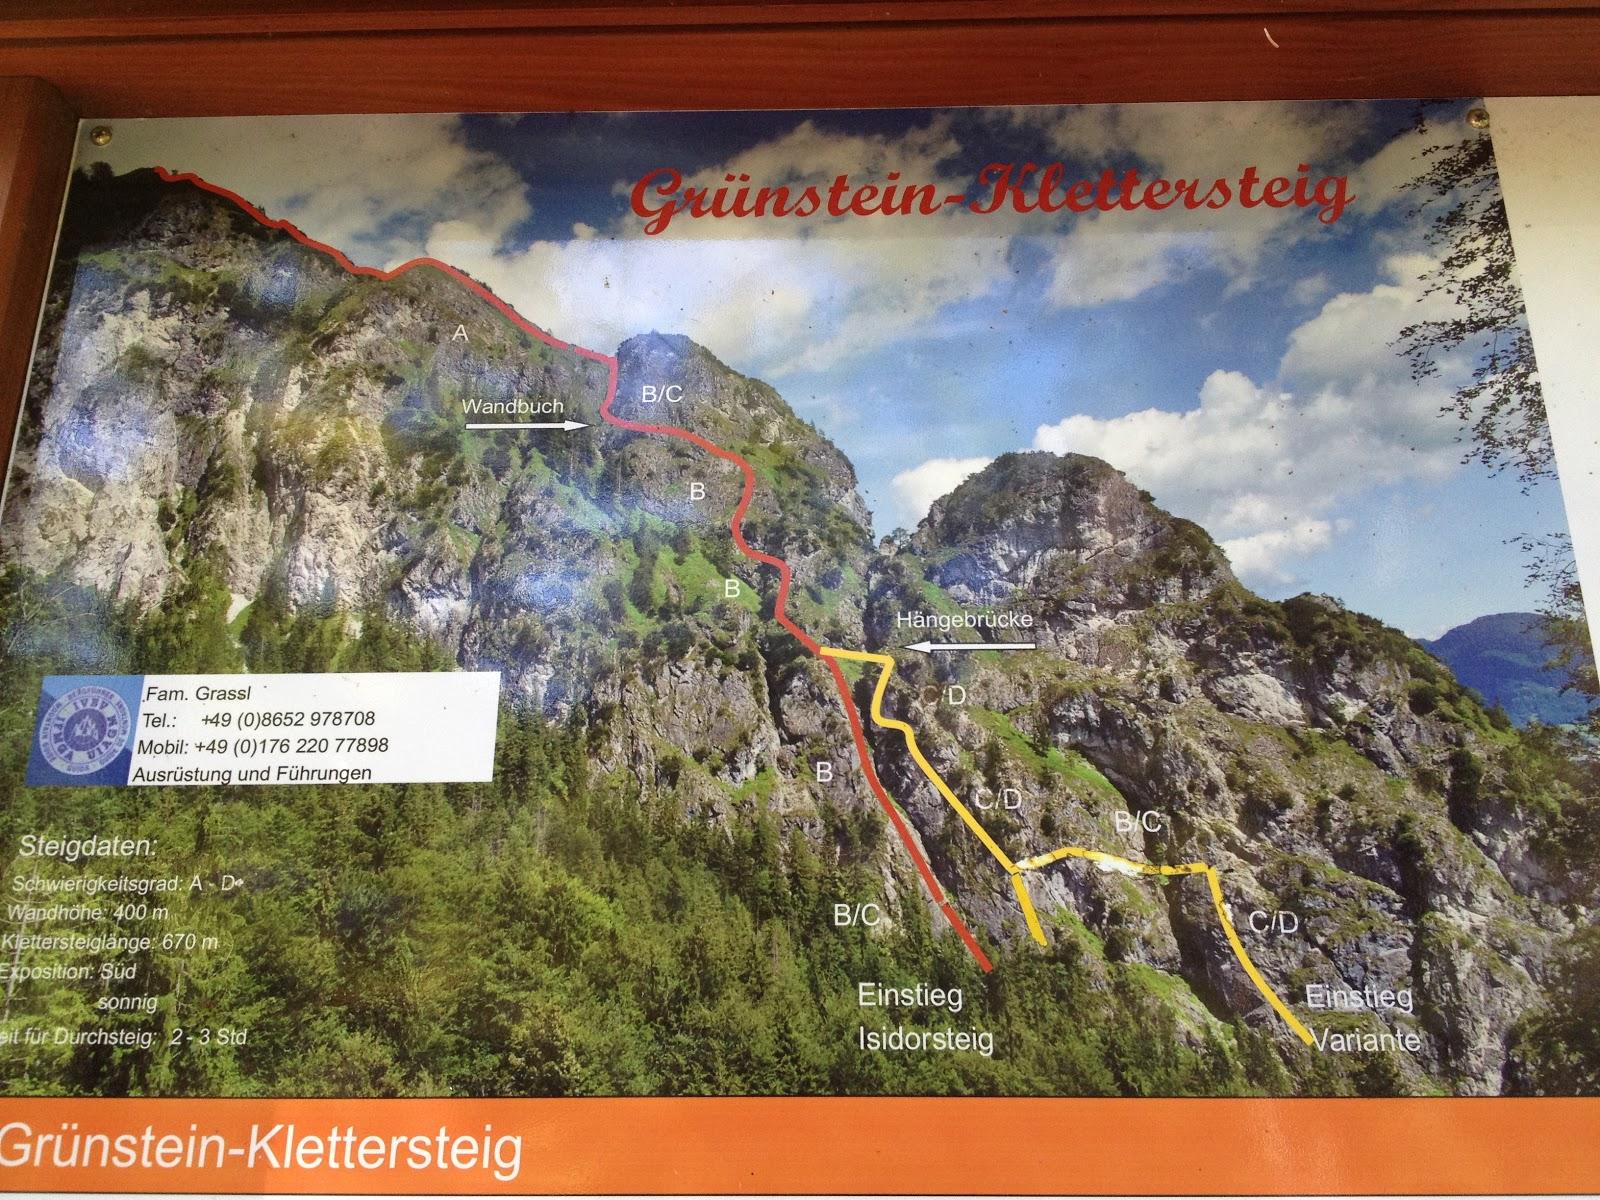 Klettersteigset Verleih Berchtesgaden : Free in the alps: grünstein klettersteig berchtesgaden!